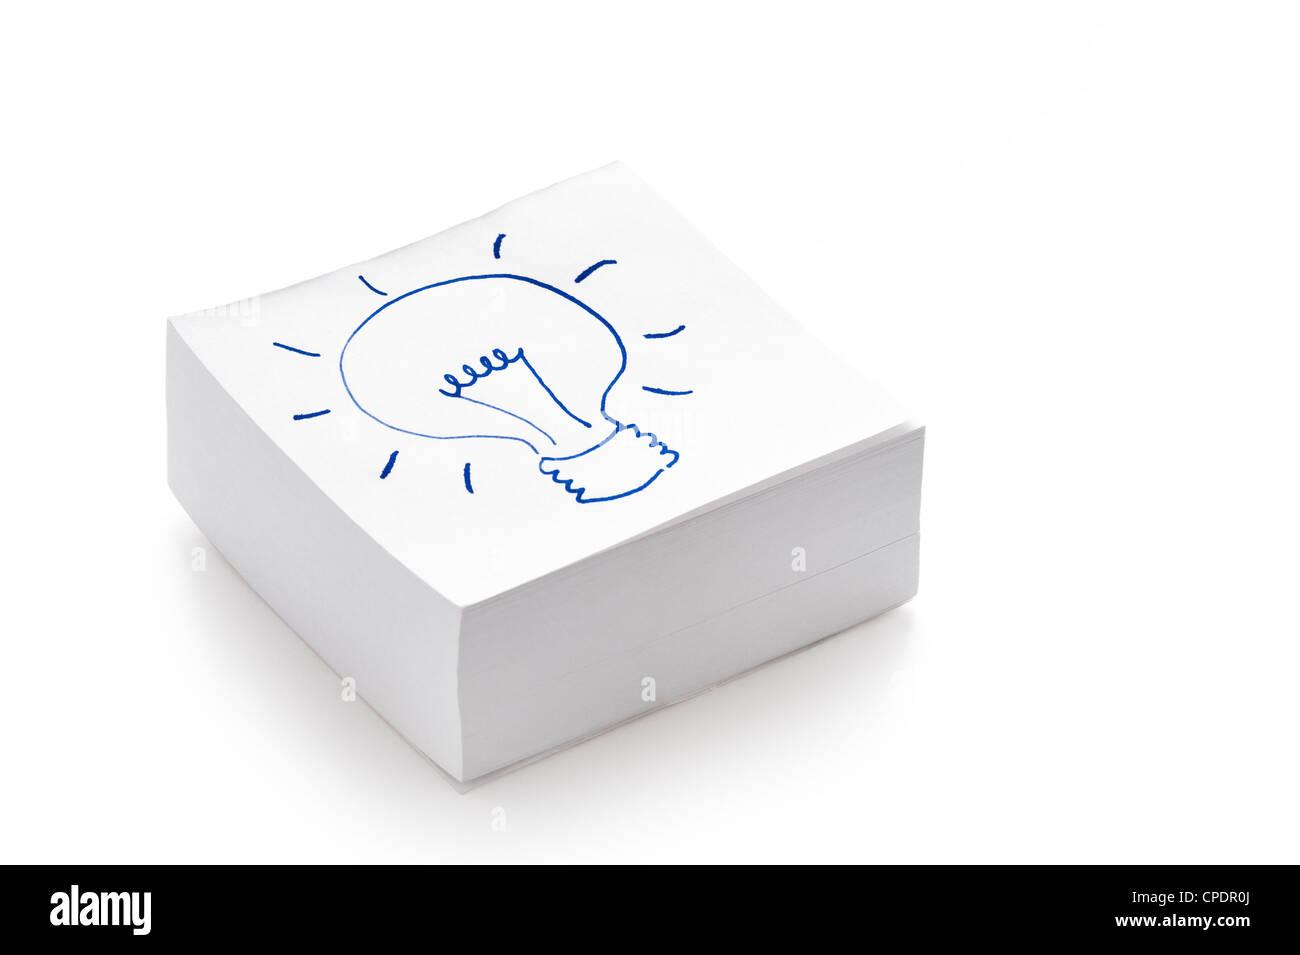 Lightbulb dessin sur une pile de post it illustrant le concept d'avoir une idée Photo Stock